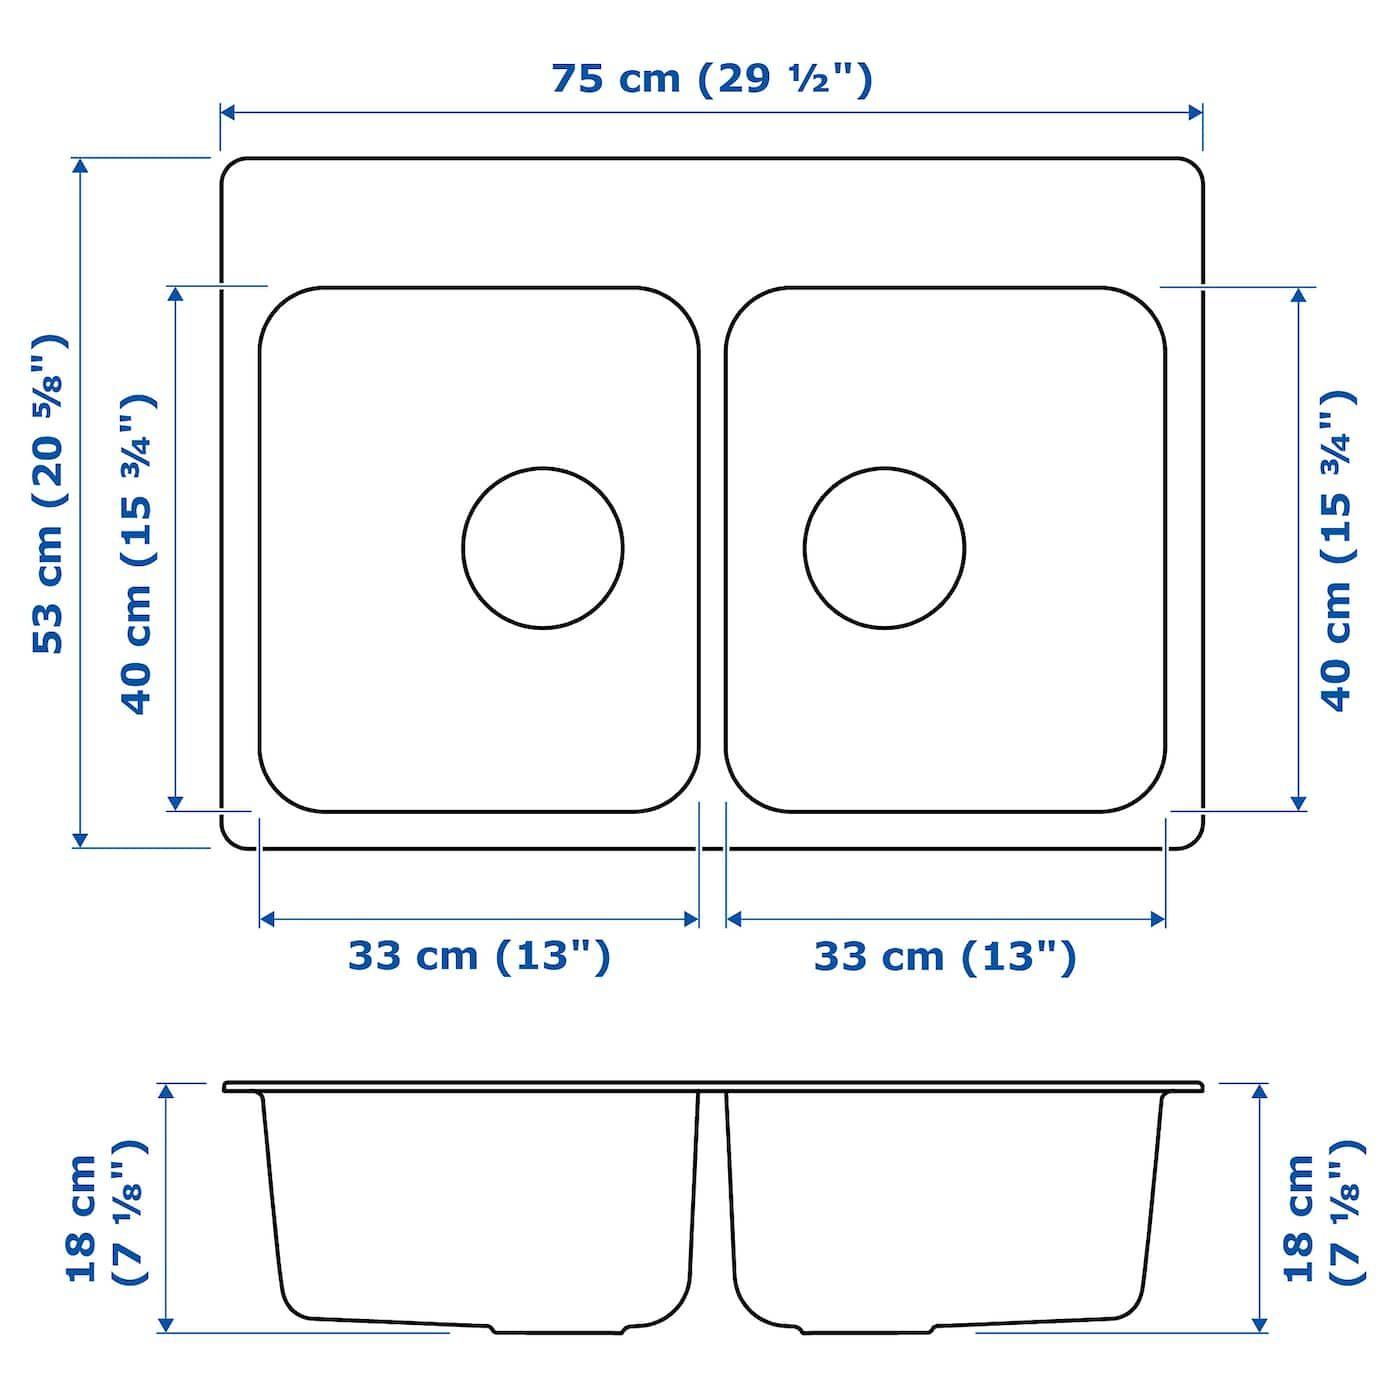 Langudden Einbauspule 2 Becken Edelstahl Einbauspule Edelstahl Und Stahl